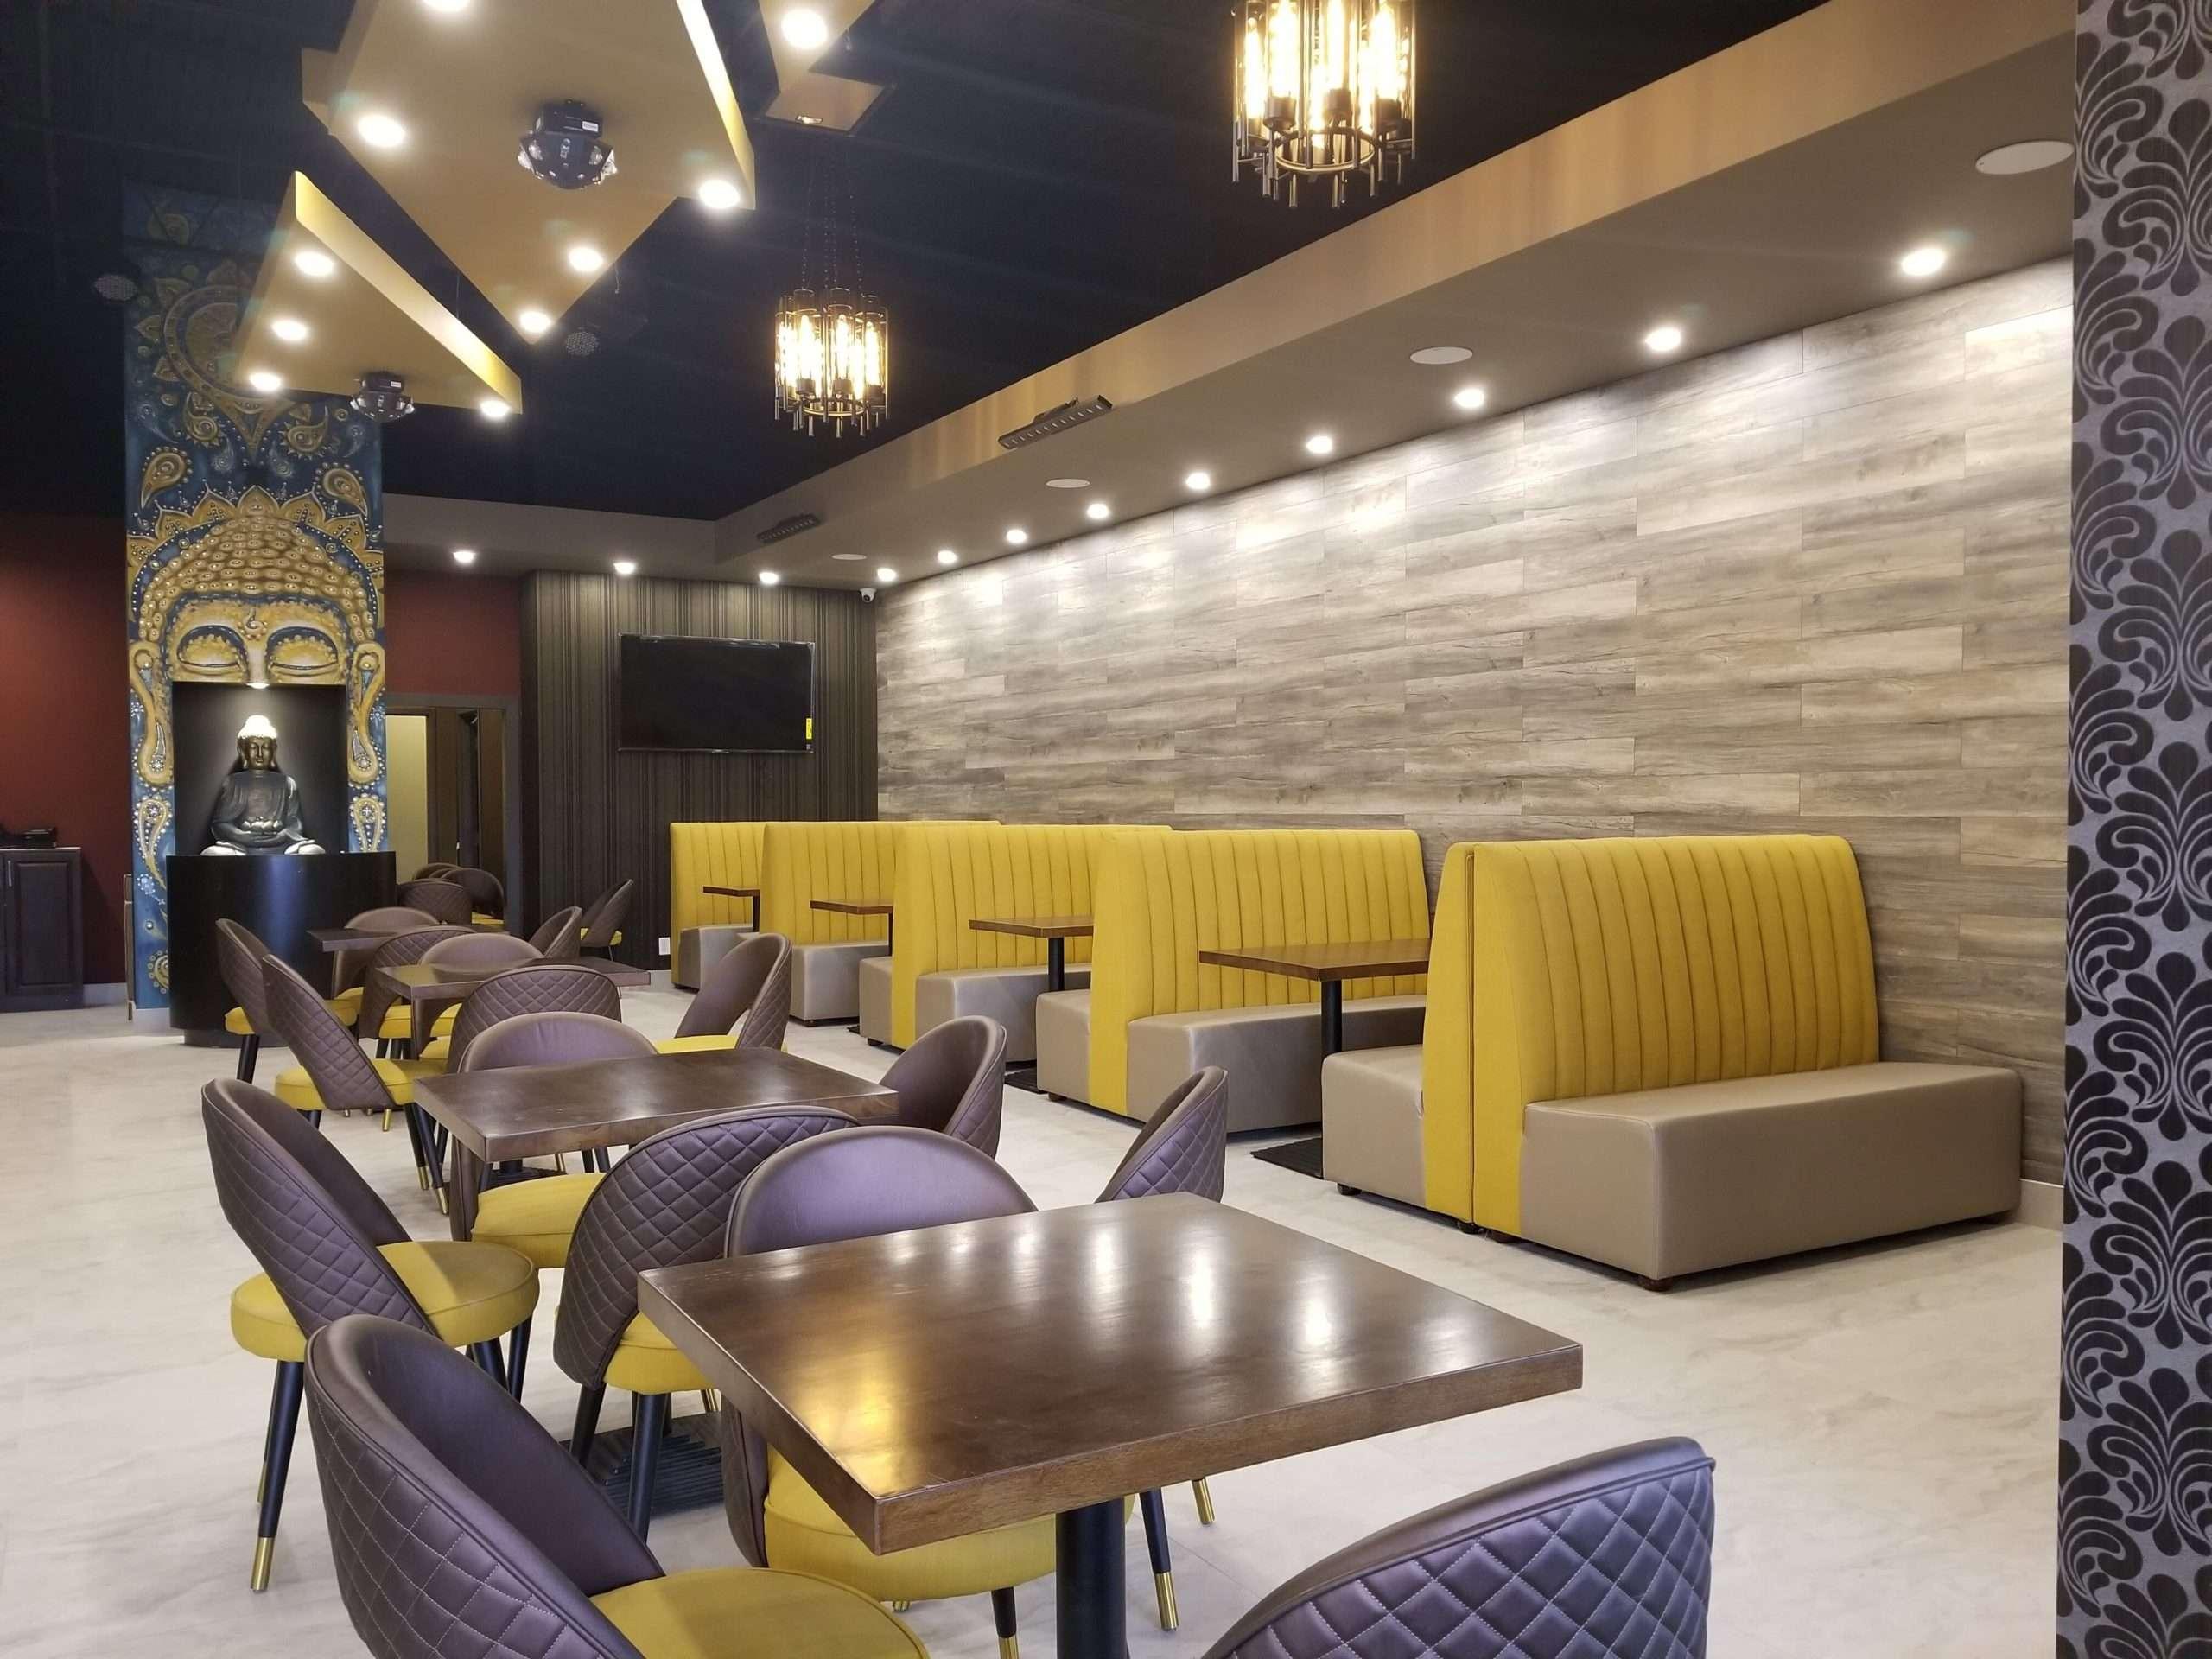 7Spice Restaurant - Interiors